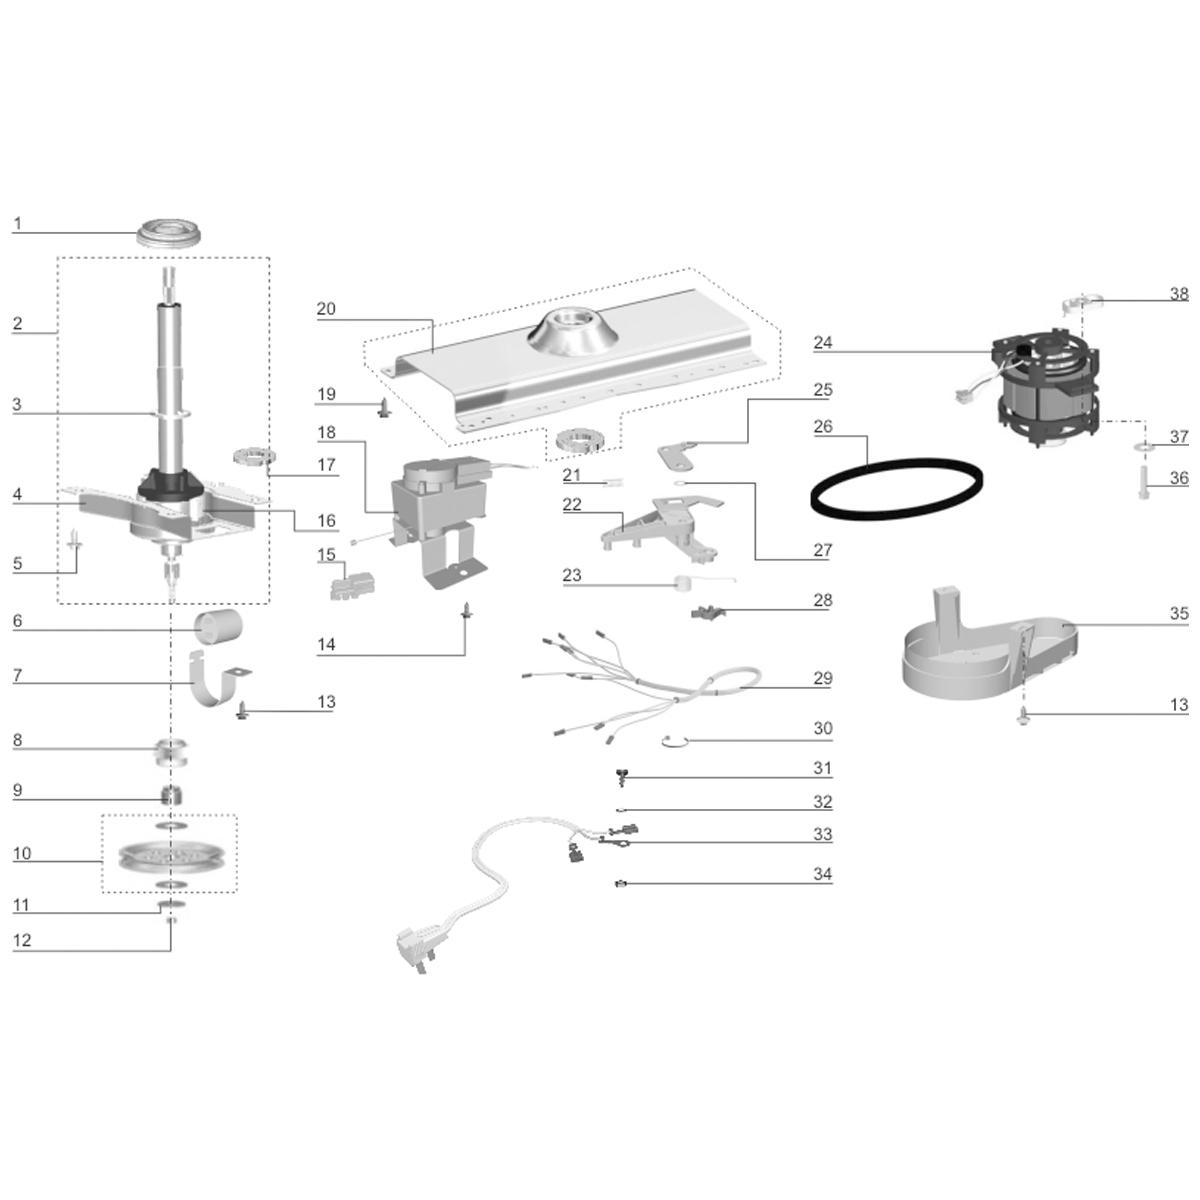 Retentor Tanque Lavadora De Roupas Electrolux LF75 LF80 LTE09 LTR10 - 65477810